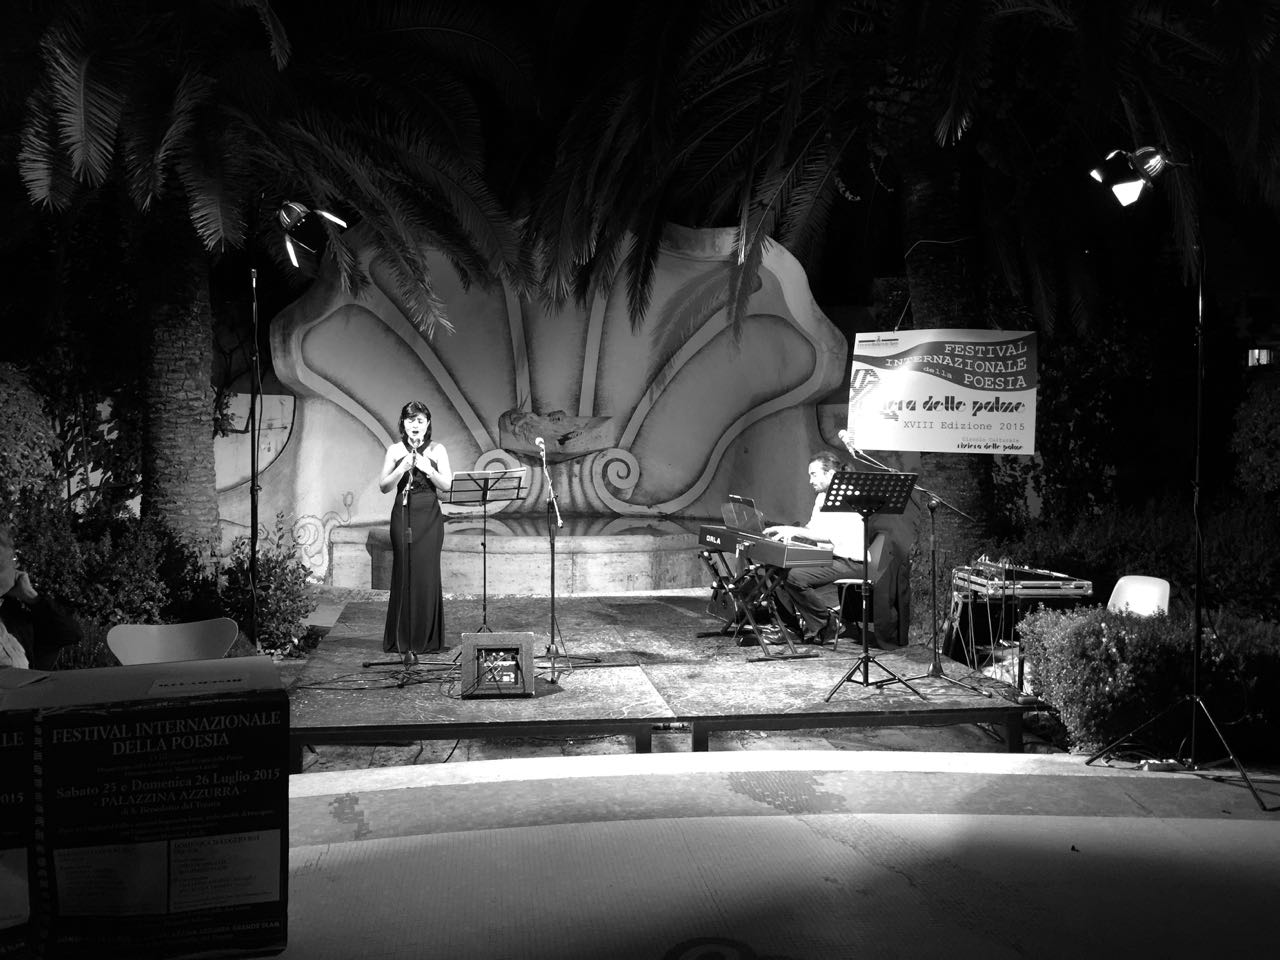 Festival Internazionale della Poesia - 03.jpg